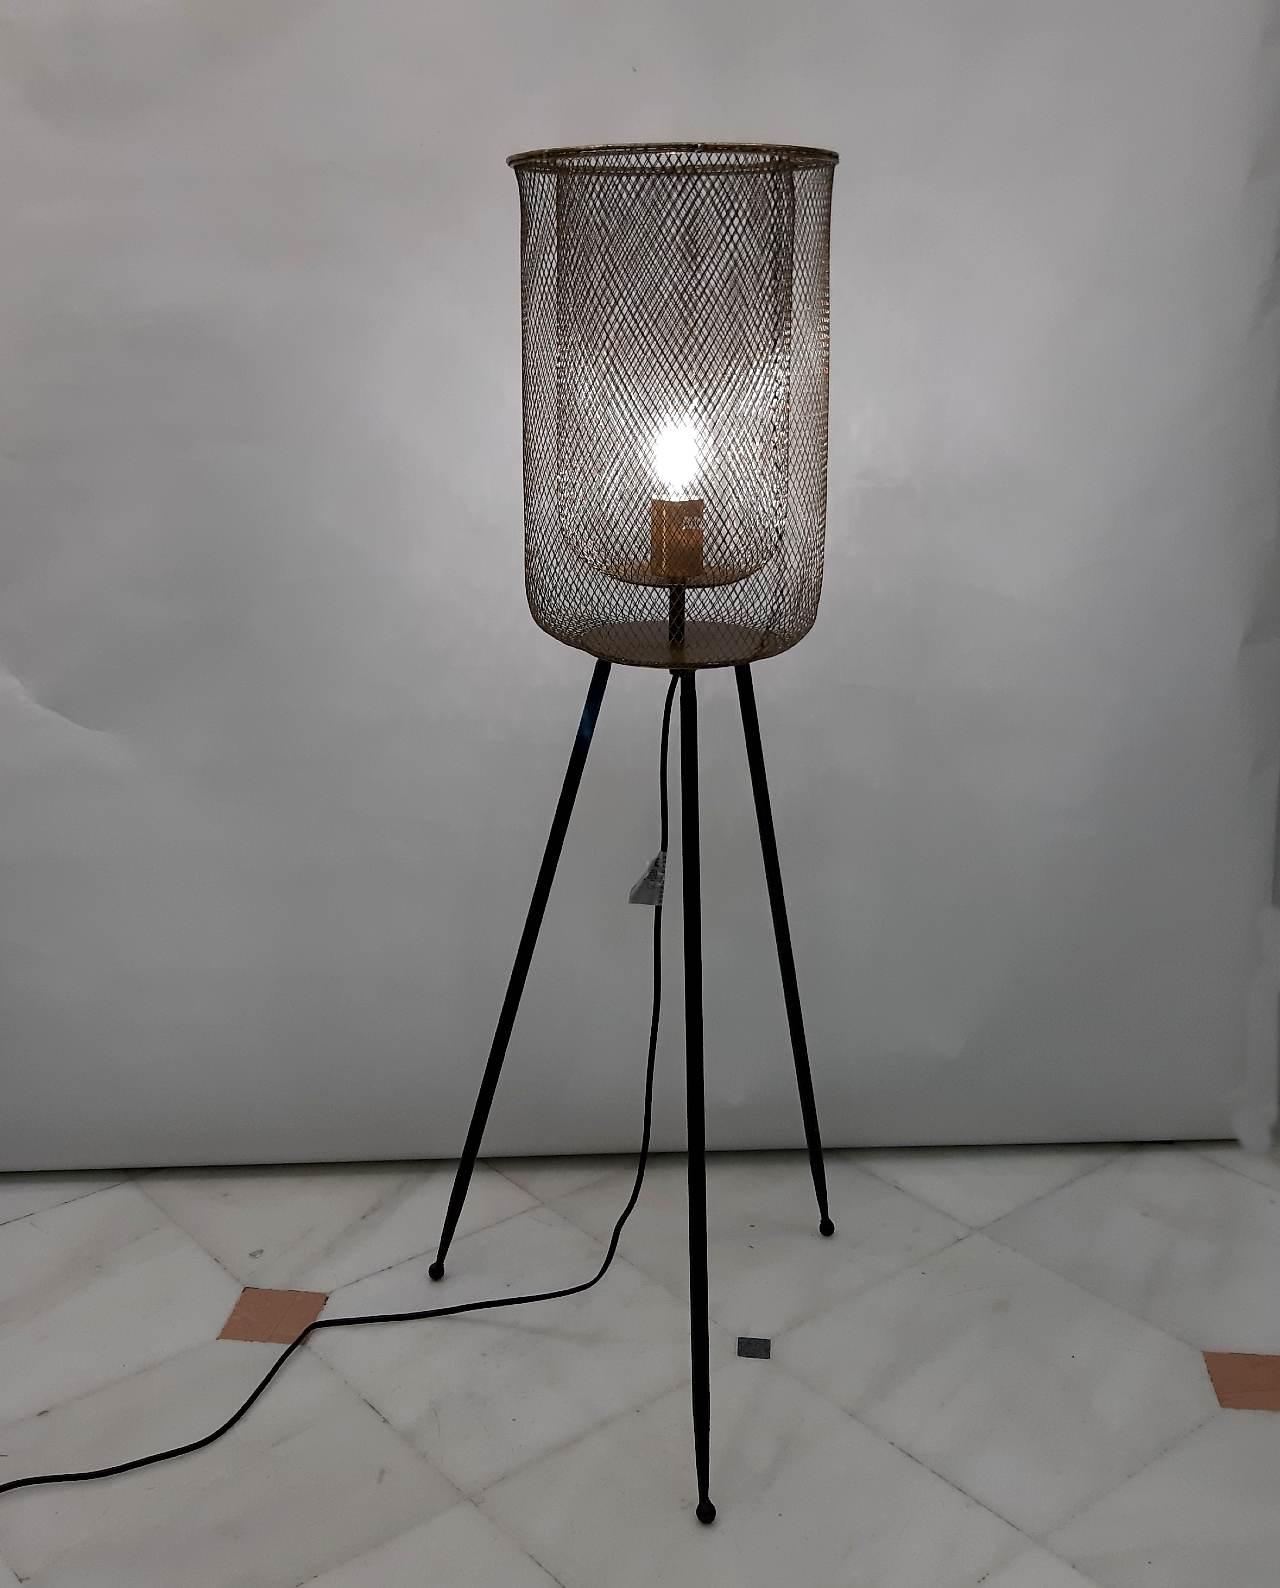 Φωτιστικό Σιδερένιο Μαύρο Χρυσό Ύψους 102 cm